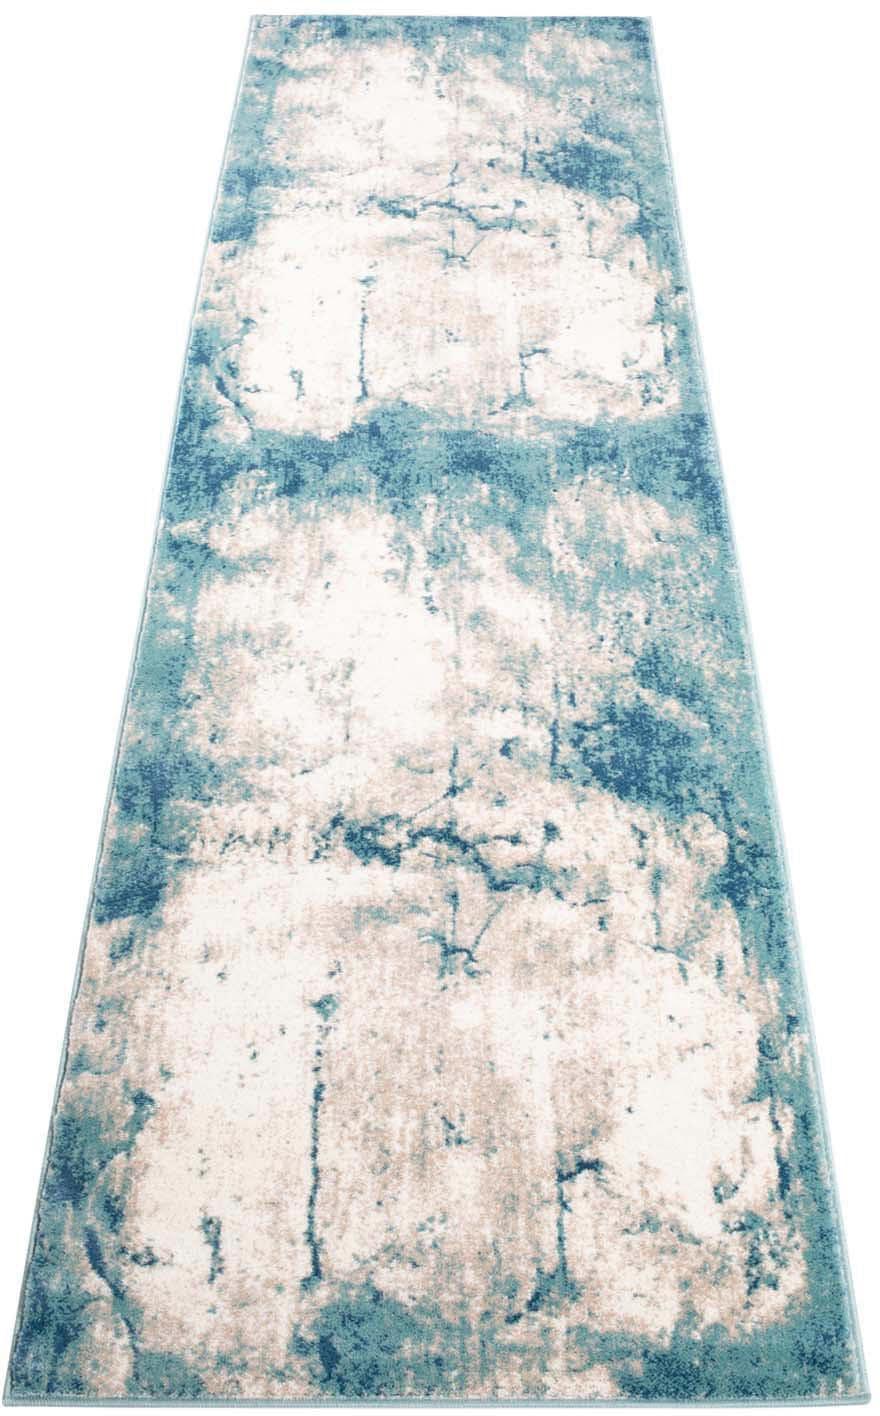 Läufer Inspiration 7690 Carpet City rechteckig Höhe 11 mm maschinell gewebt